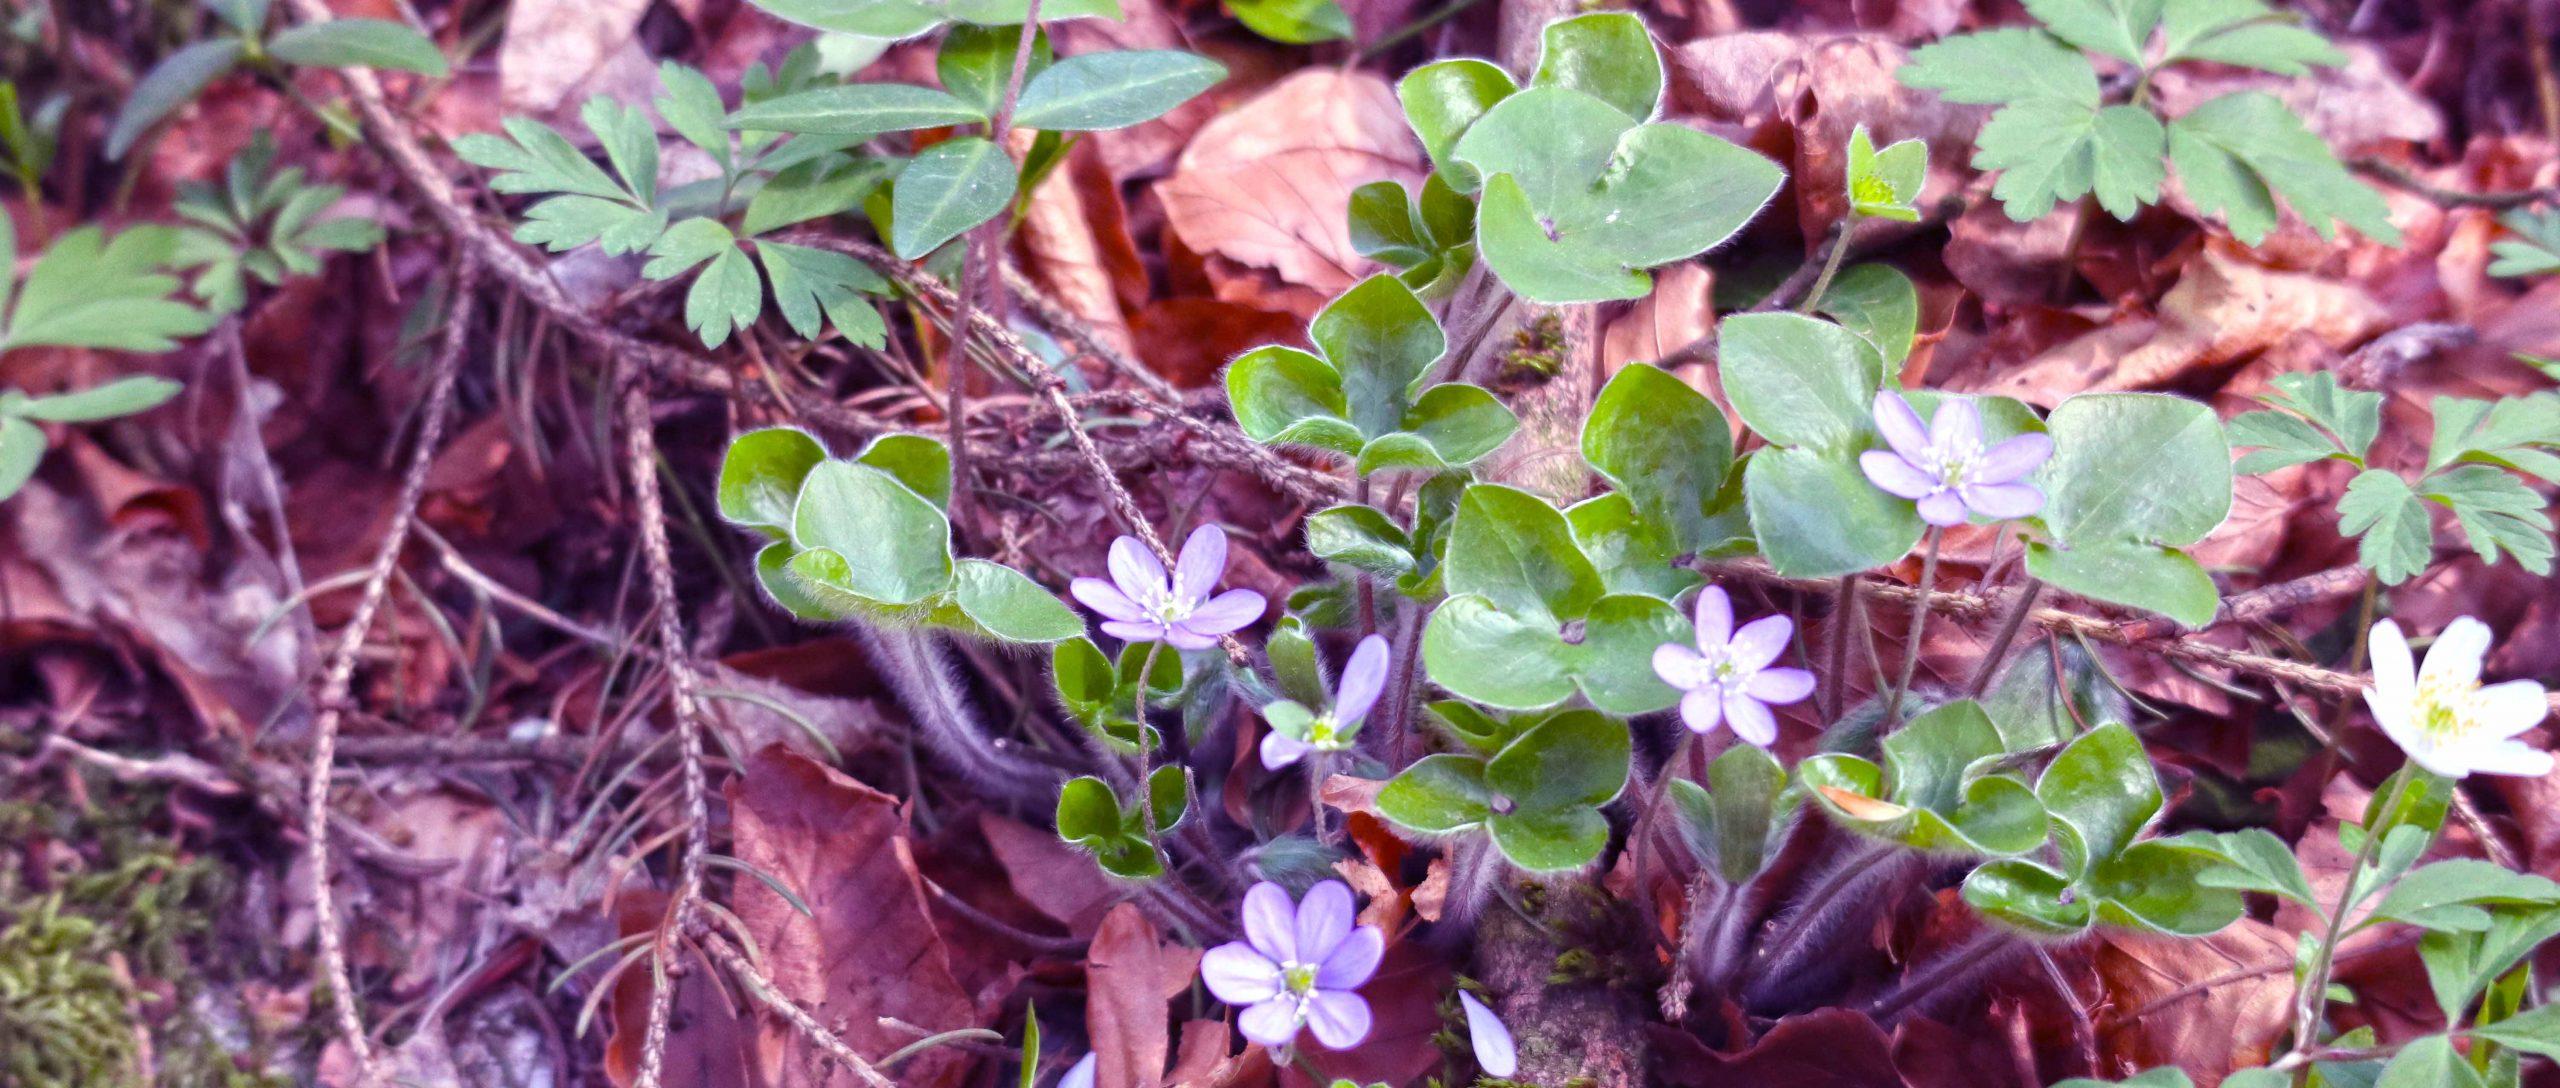 Navadi jetrnik, Hepatica nobilis